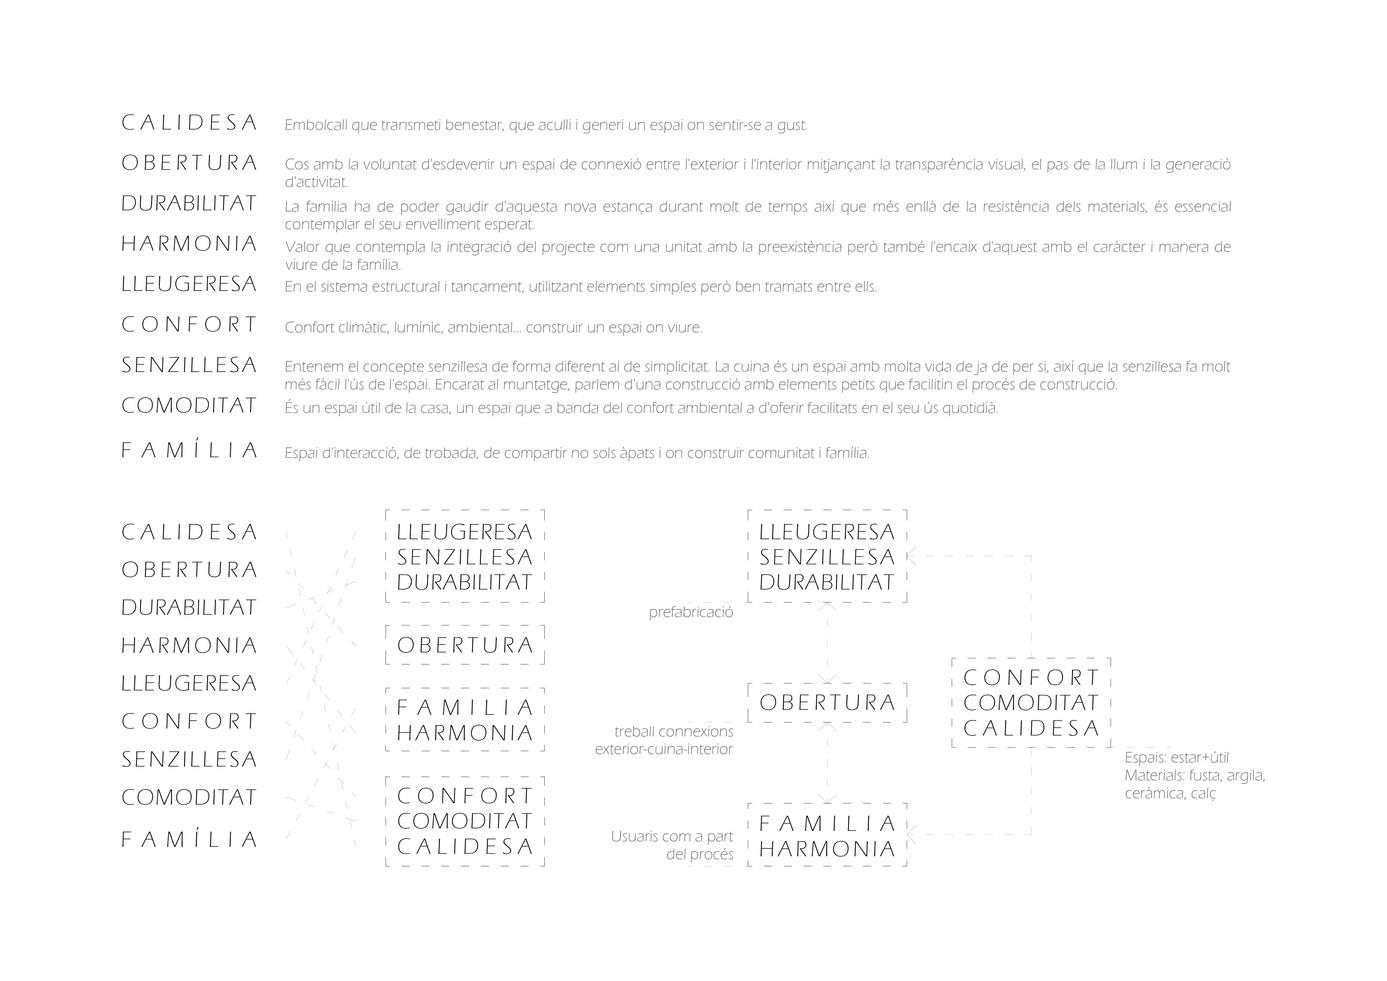 primeres aproximacions - valors.jpg